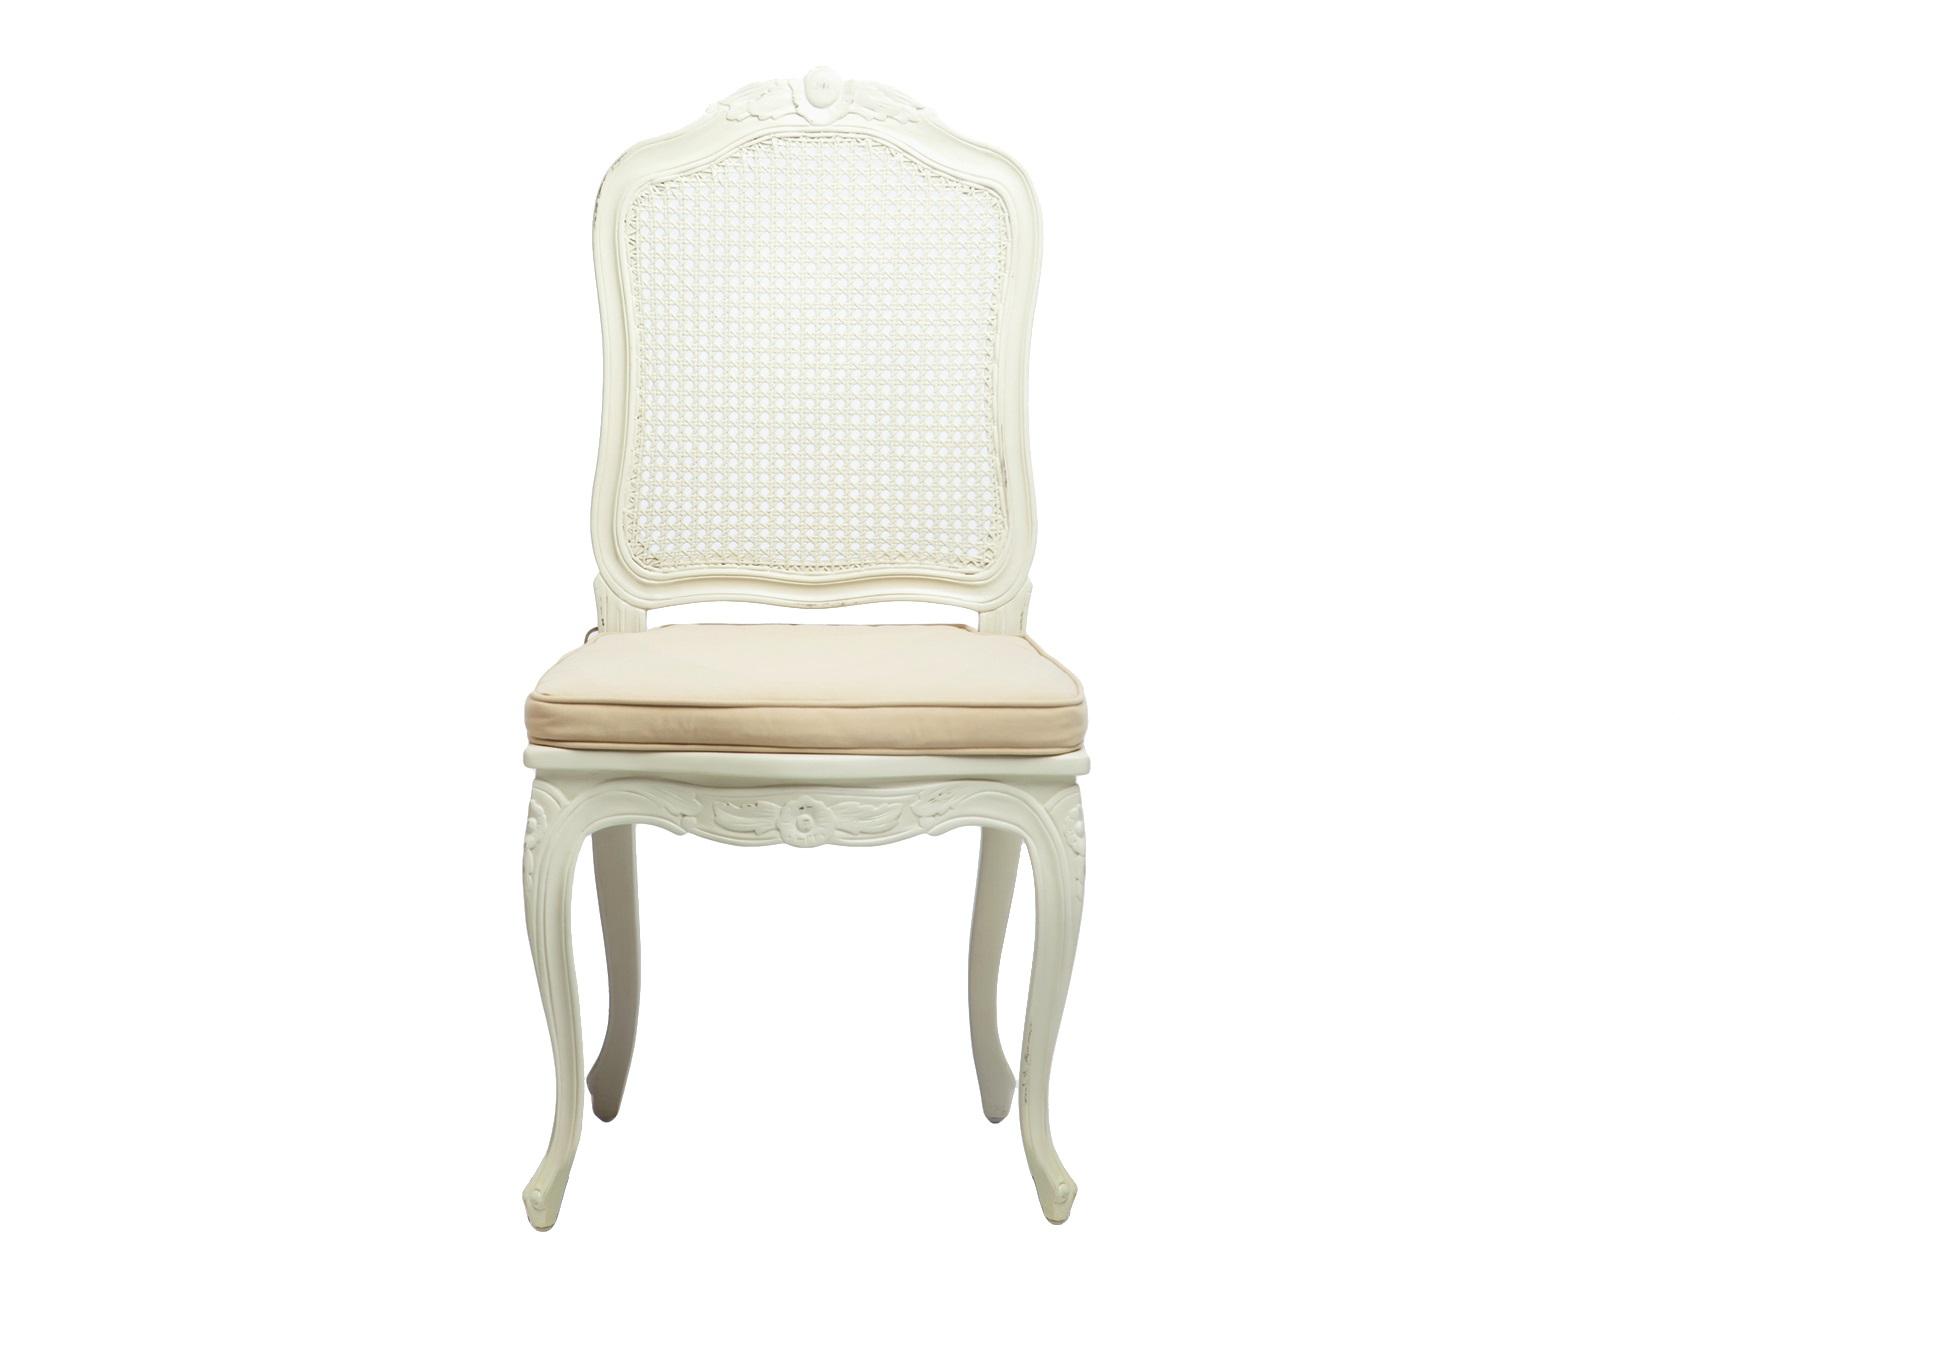 Стул АгатаОбеденные стулья<br>Стул с ротанговой спинкой в стиле прованс, с резьбой ручной работы и старением. Сиденье со съемным чехлом.<br><br>Material: Красное дерево<br>Ширина см: 49<br>Высота см: 102<br>Глубина см: 50